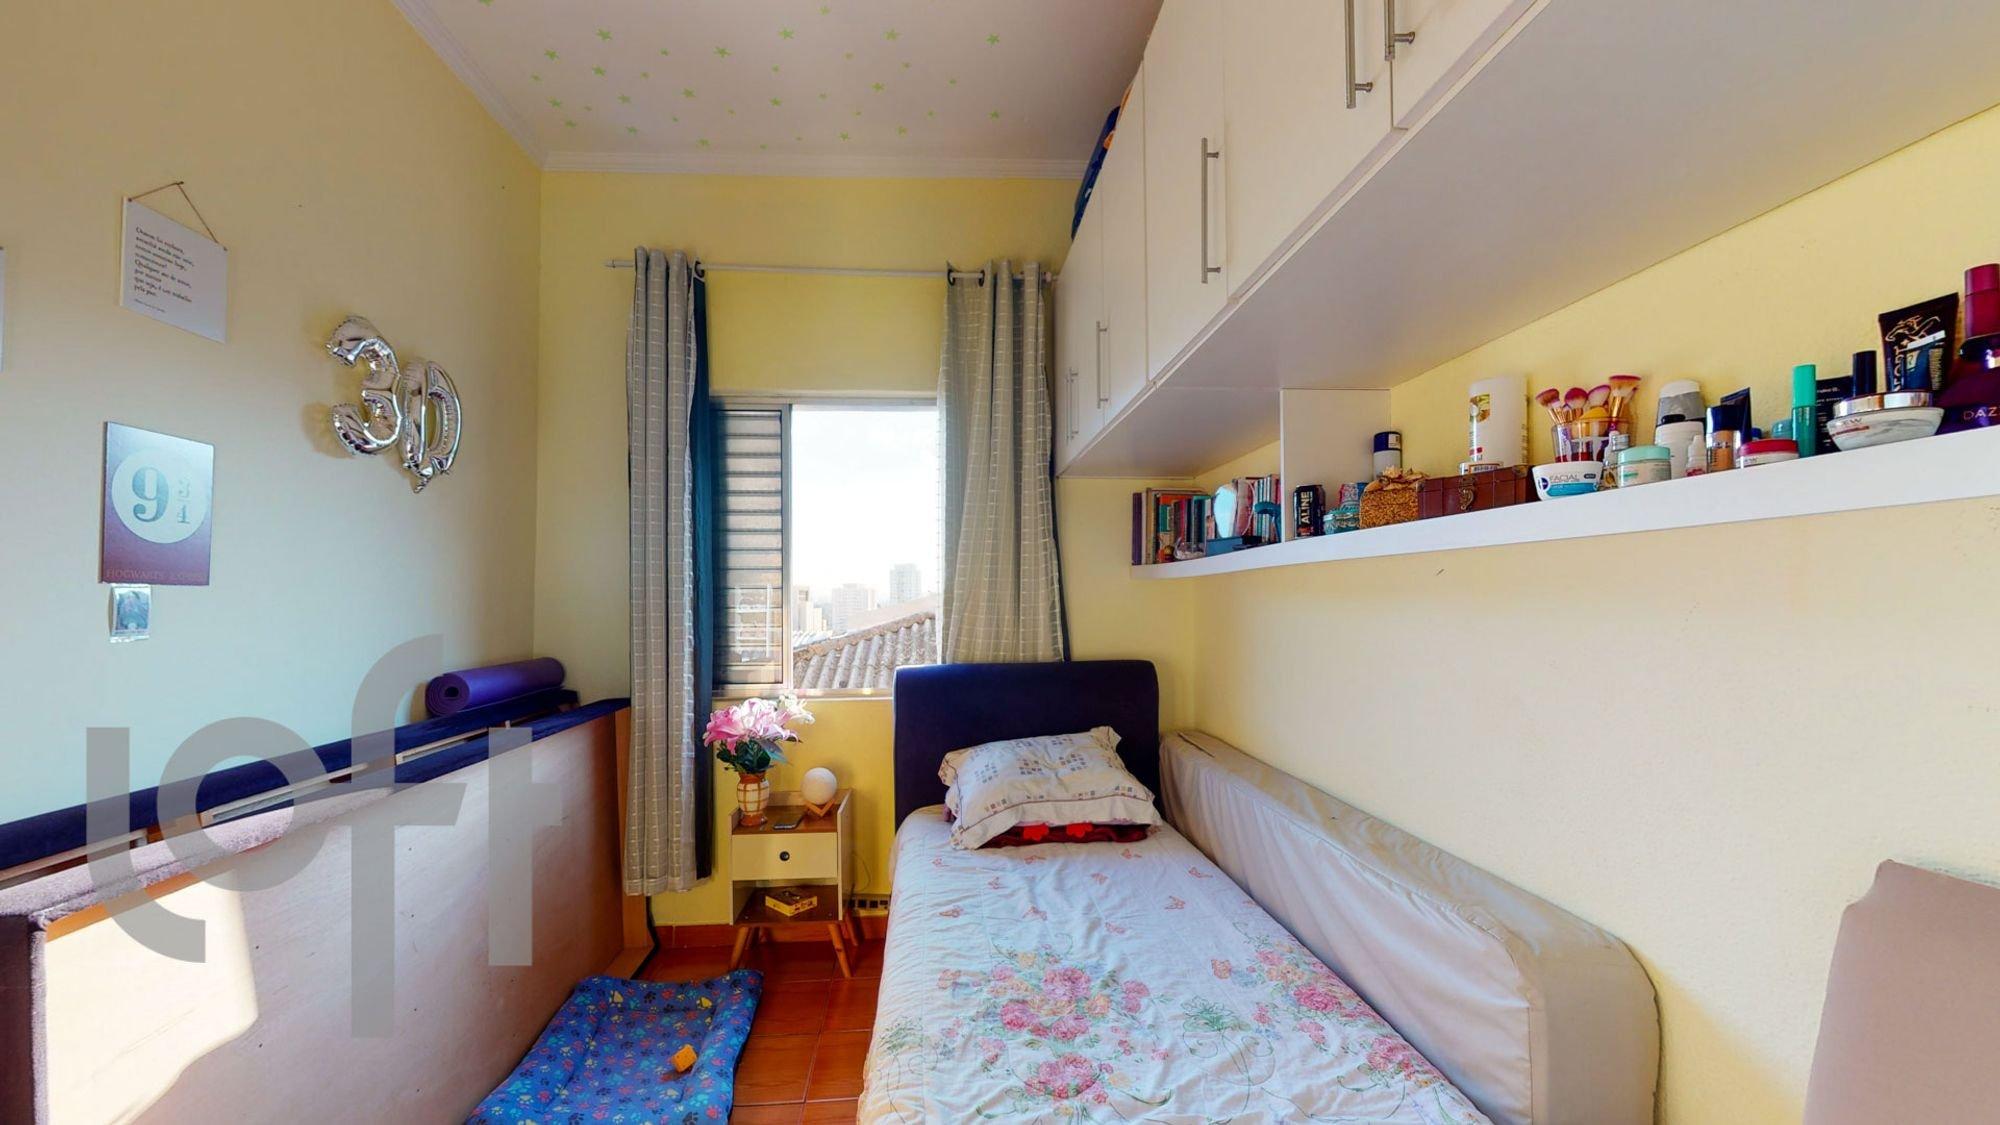 Foto de Quarto com cama, vaso, livro